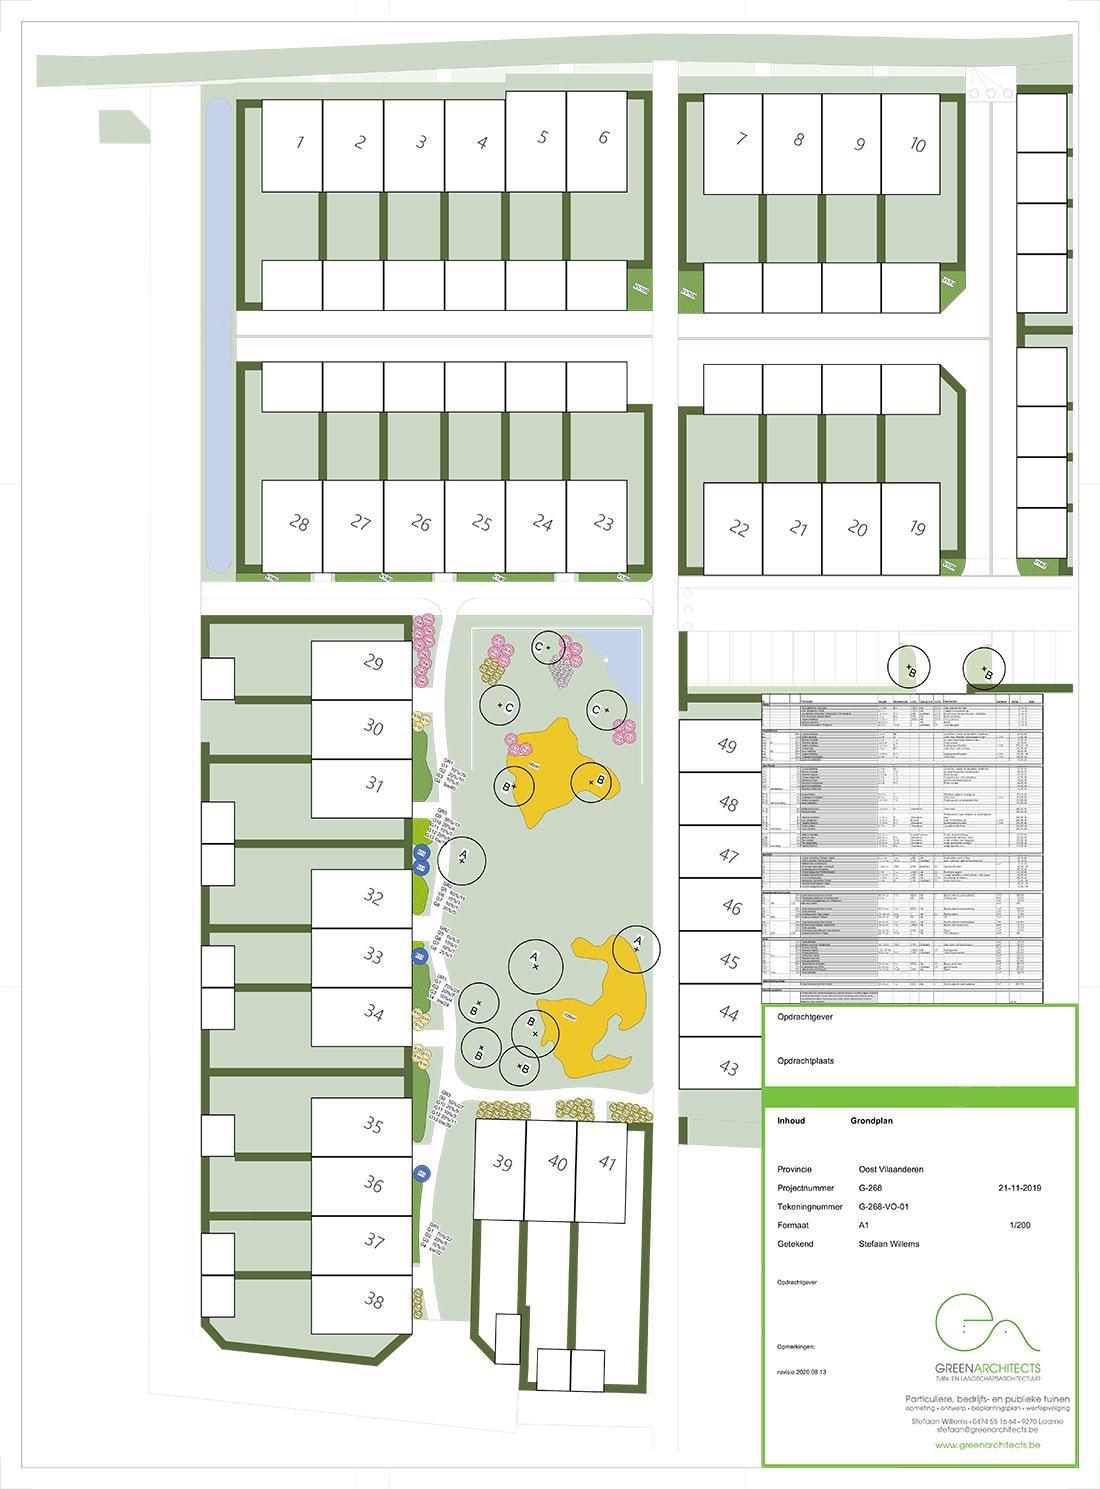 GREENARCHITECTS-TUINARCHITECT-STEFAAN-WILLEMS-omgevingsaanleg-verkaveling-menen-beplantingsplan-deel-1.jpg